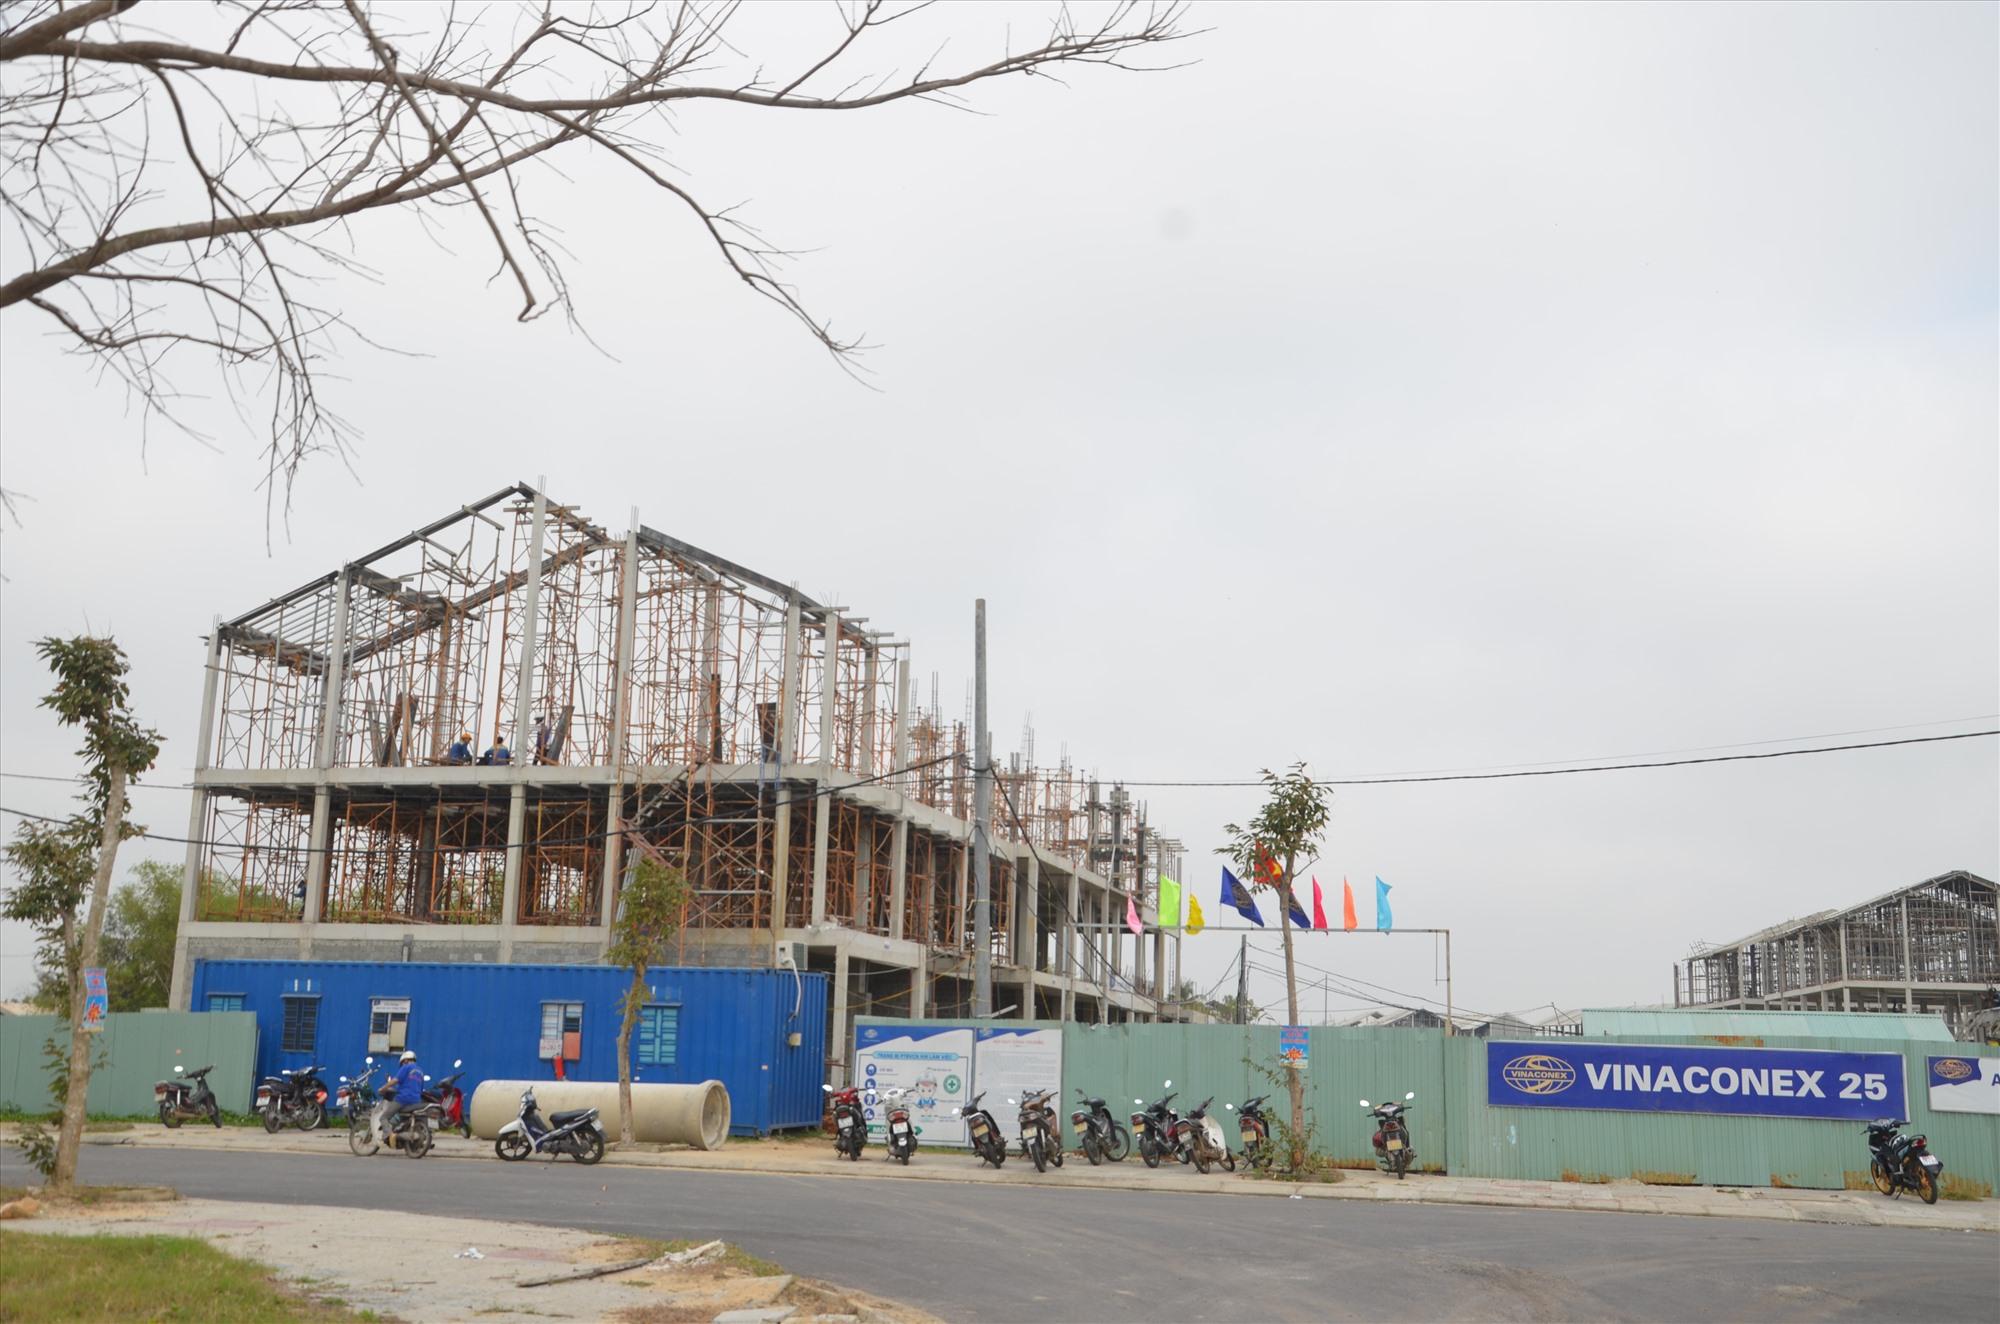 Nhà thầu Vinaconex 25 khẩn trương xây dựng dự án Homeland Paradise Village tại Khu đô thị mới Điện Nam - Điện Ngọc.Ảnh: T.B